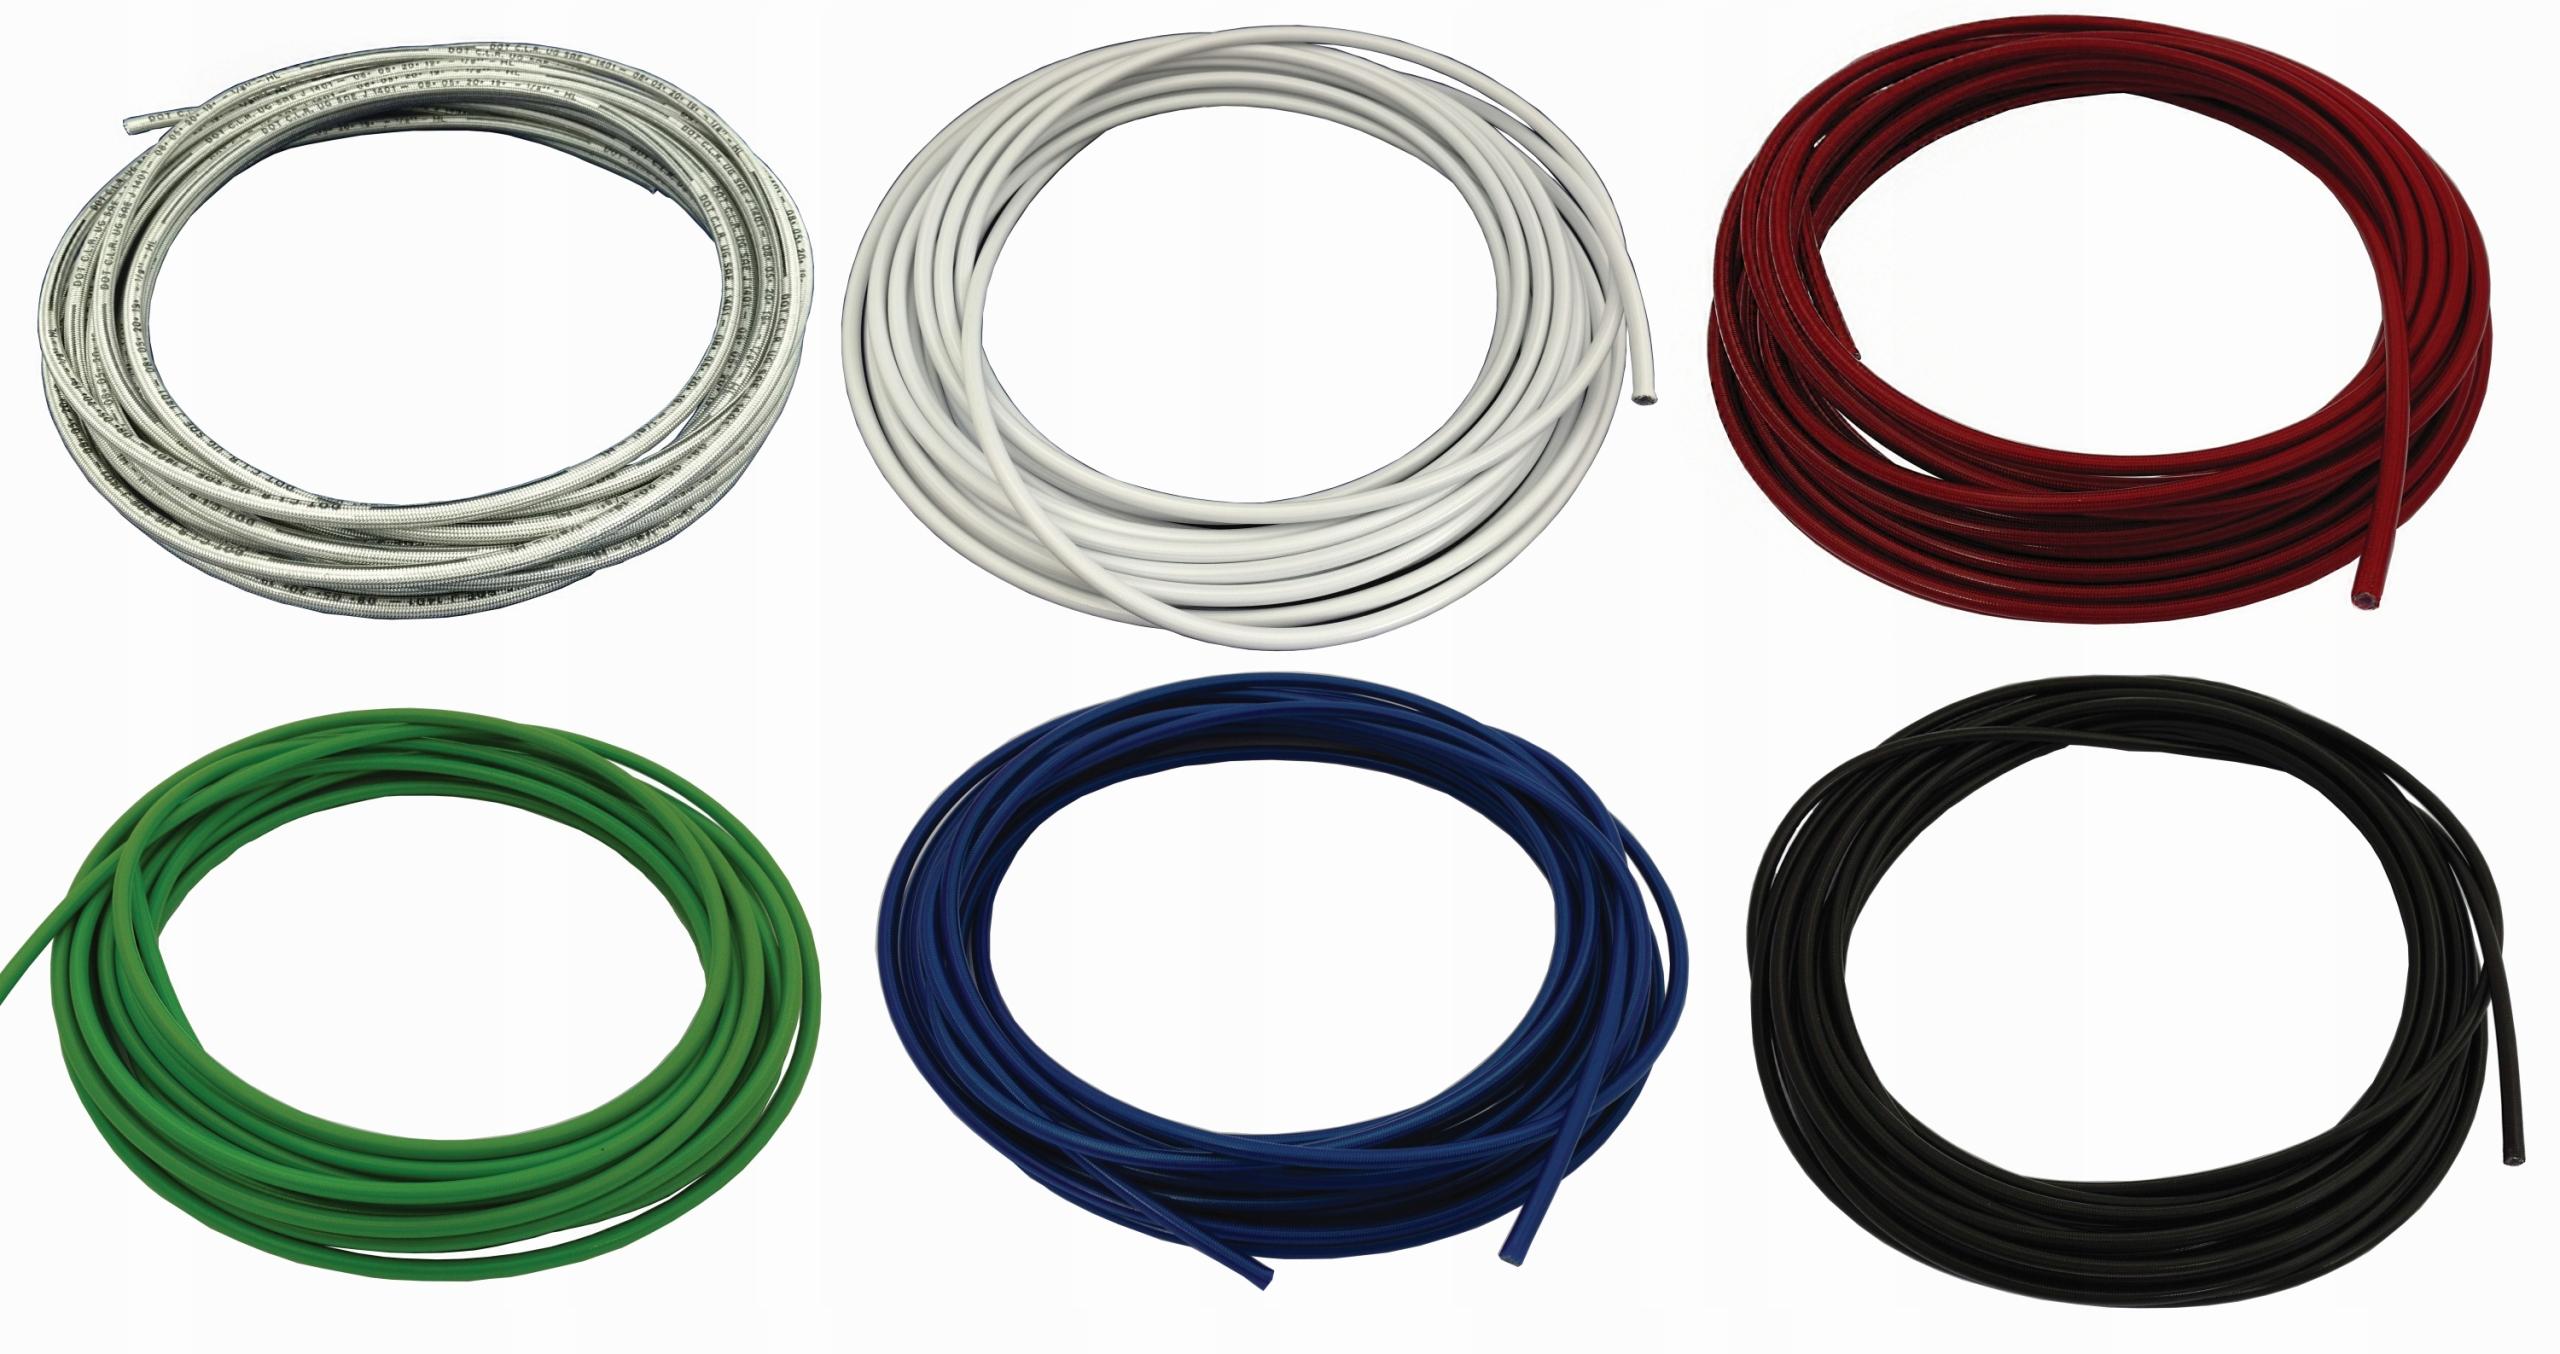 кабель тормозная система тефлоновый w оплетке - на размер